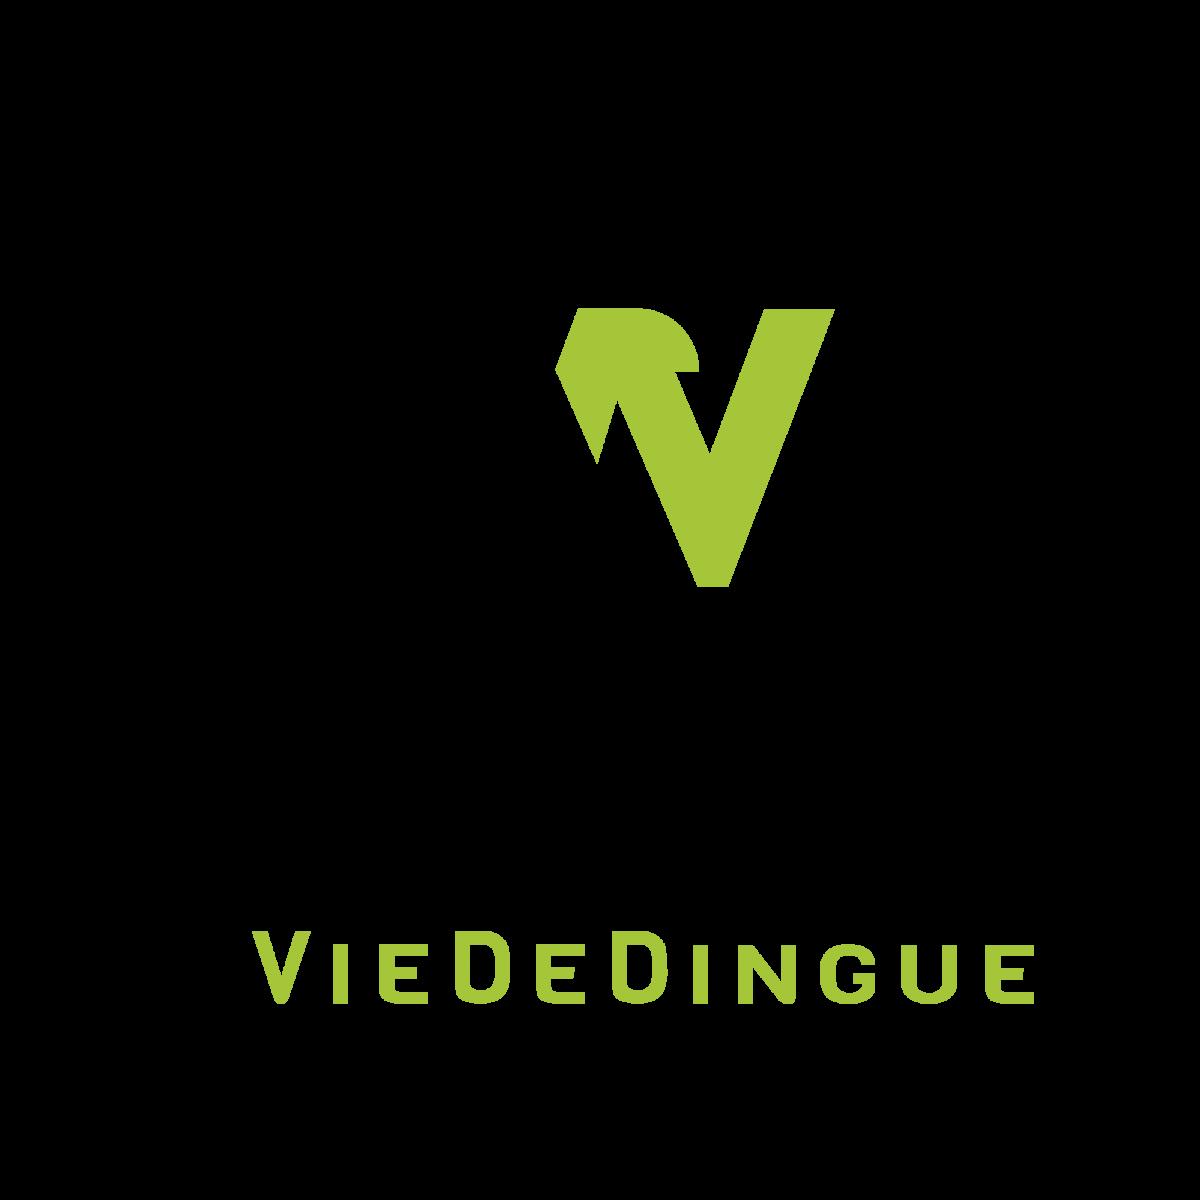 VieDeDingue